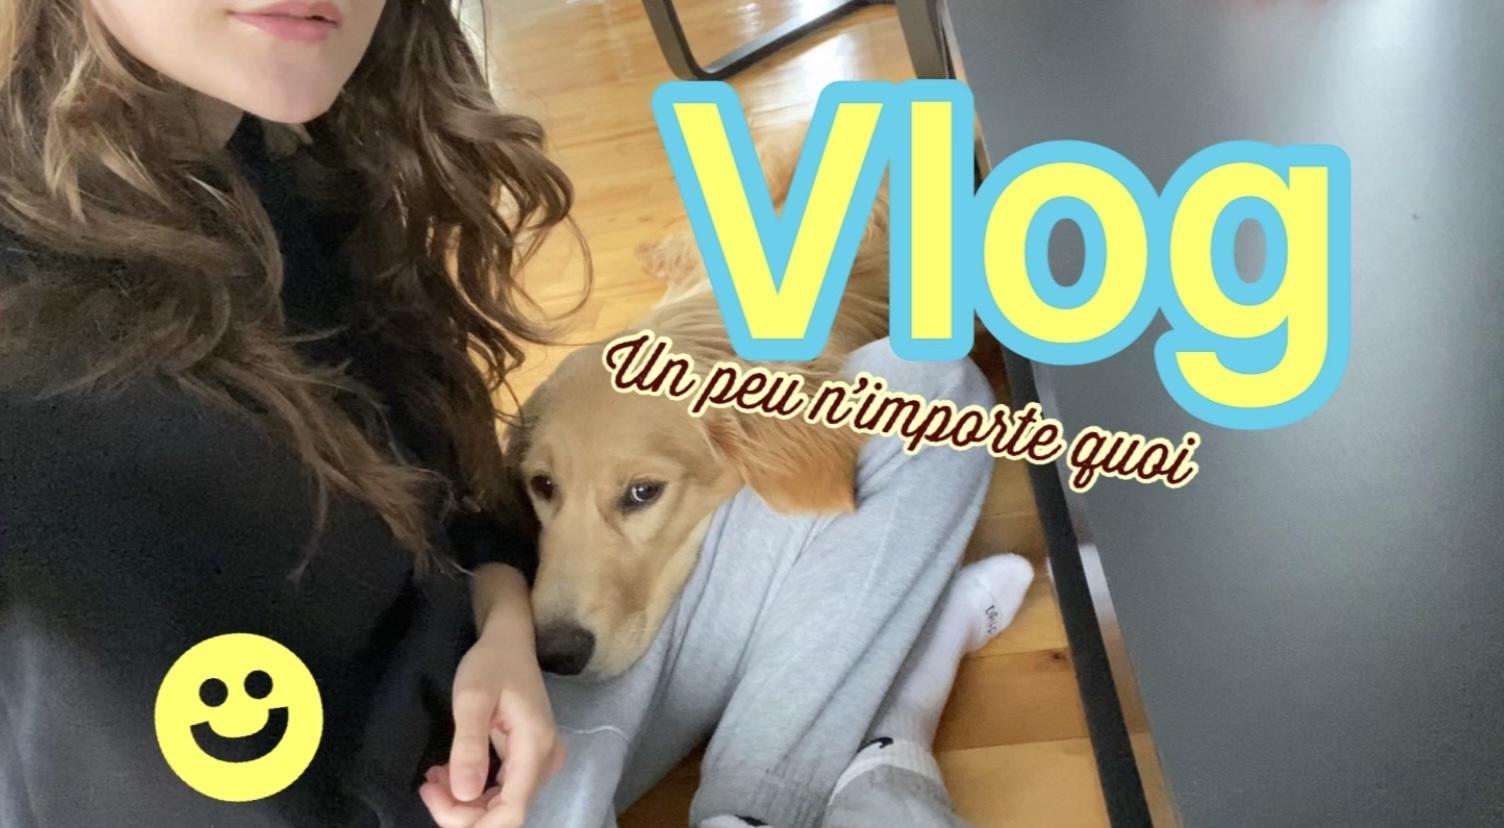 [Vlog] C'est quoi la joke?